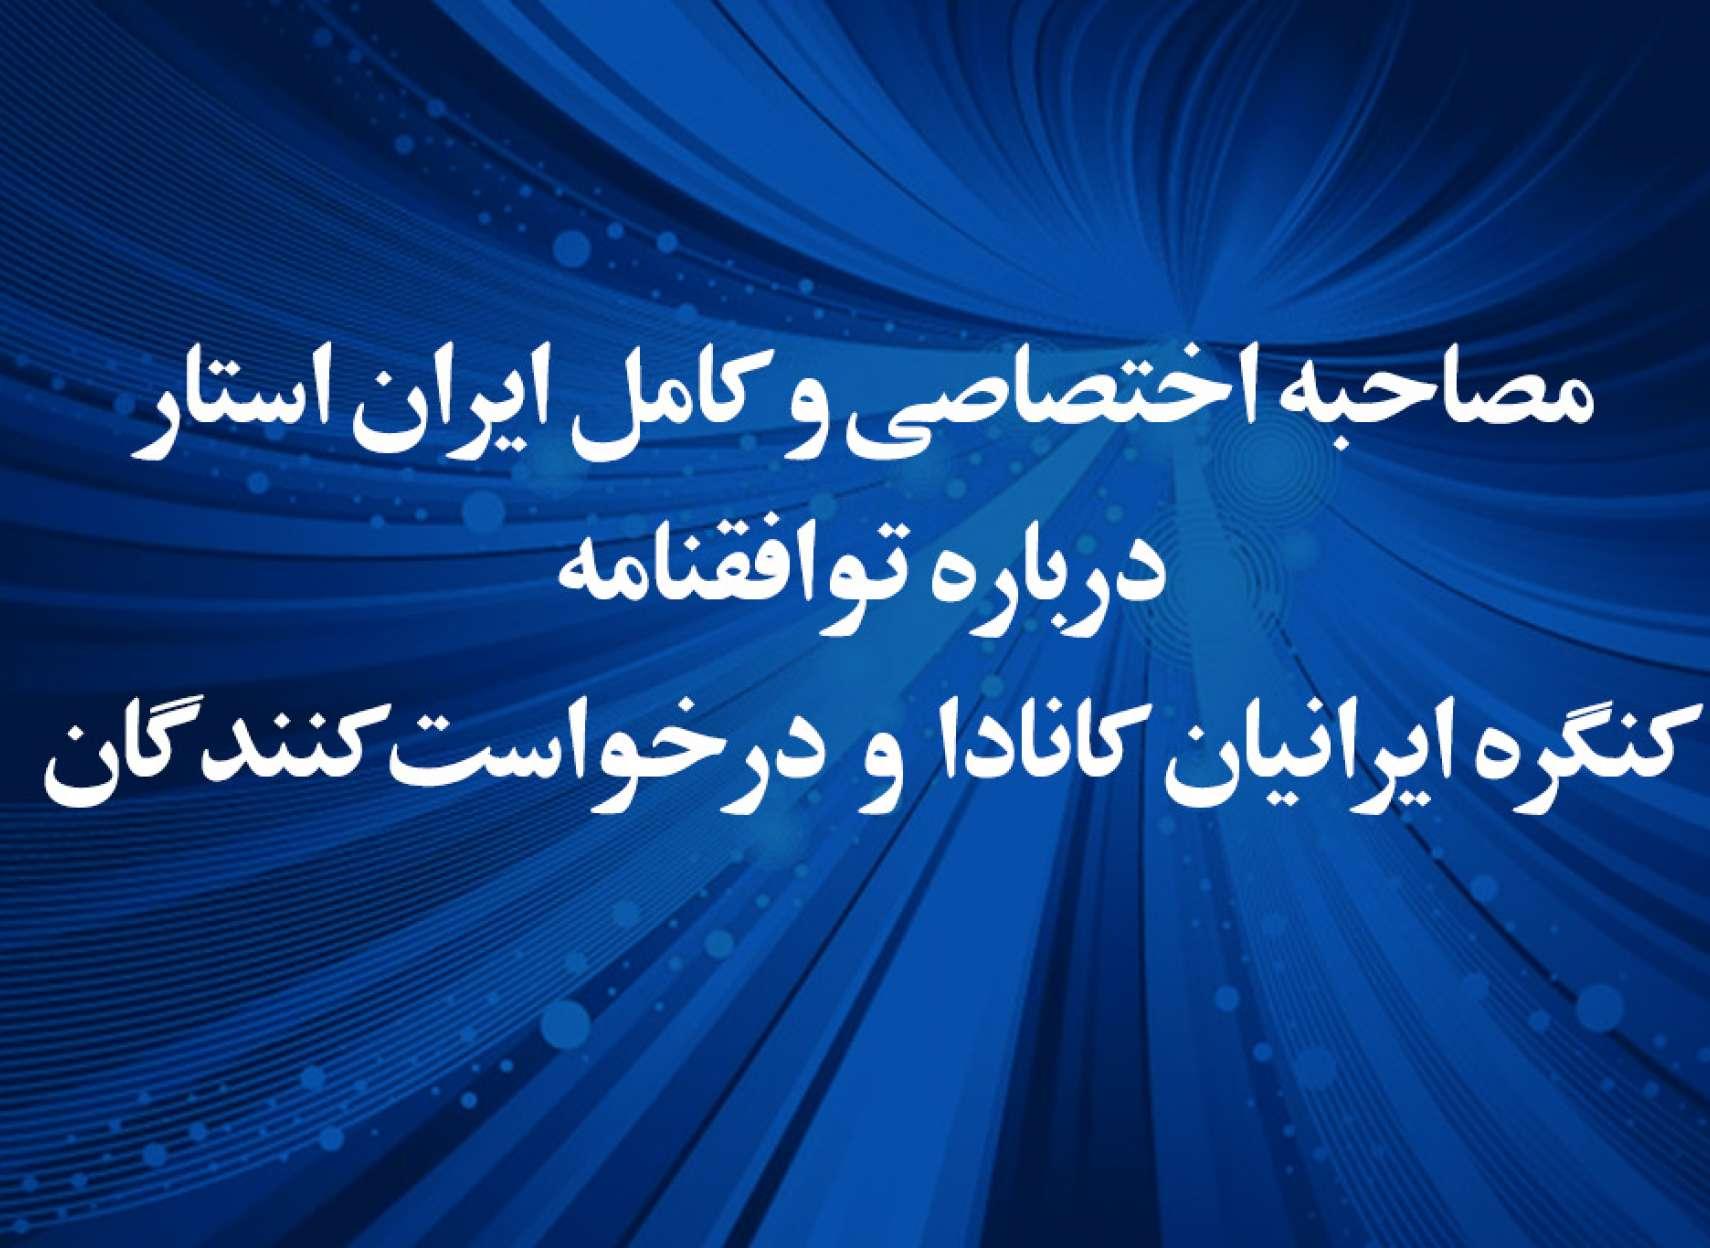 گزارش-مصاحبه-توافقنامه-کنگره-ایرانیان-کانادا-با-درخواستکنندگان